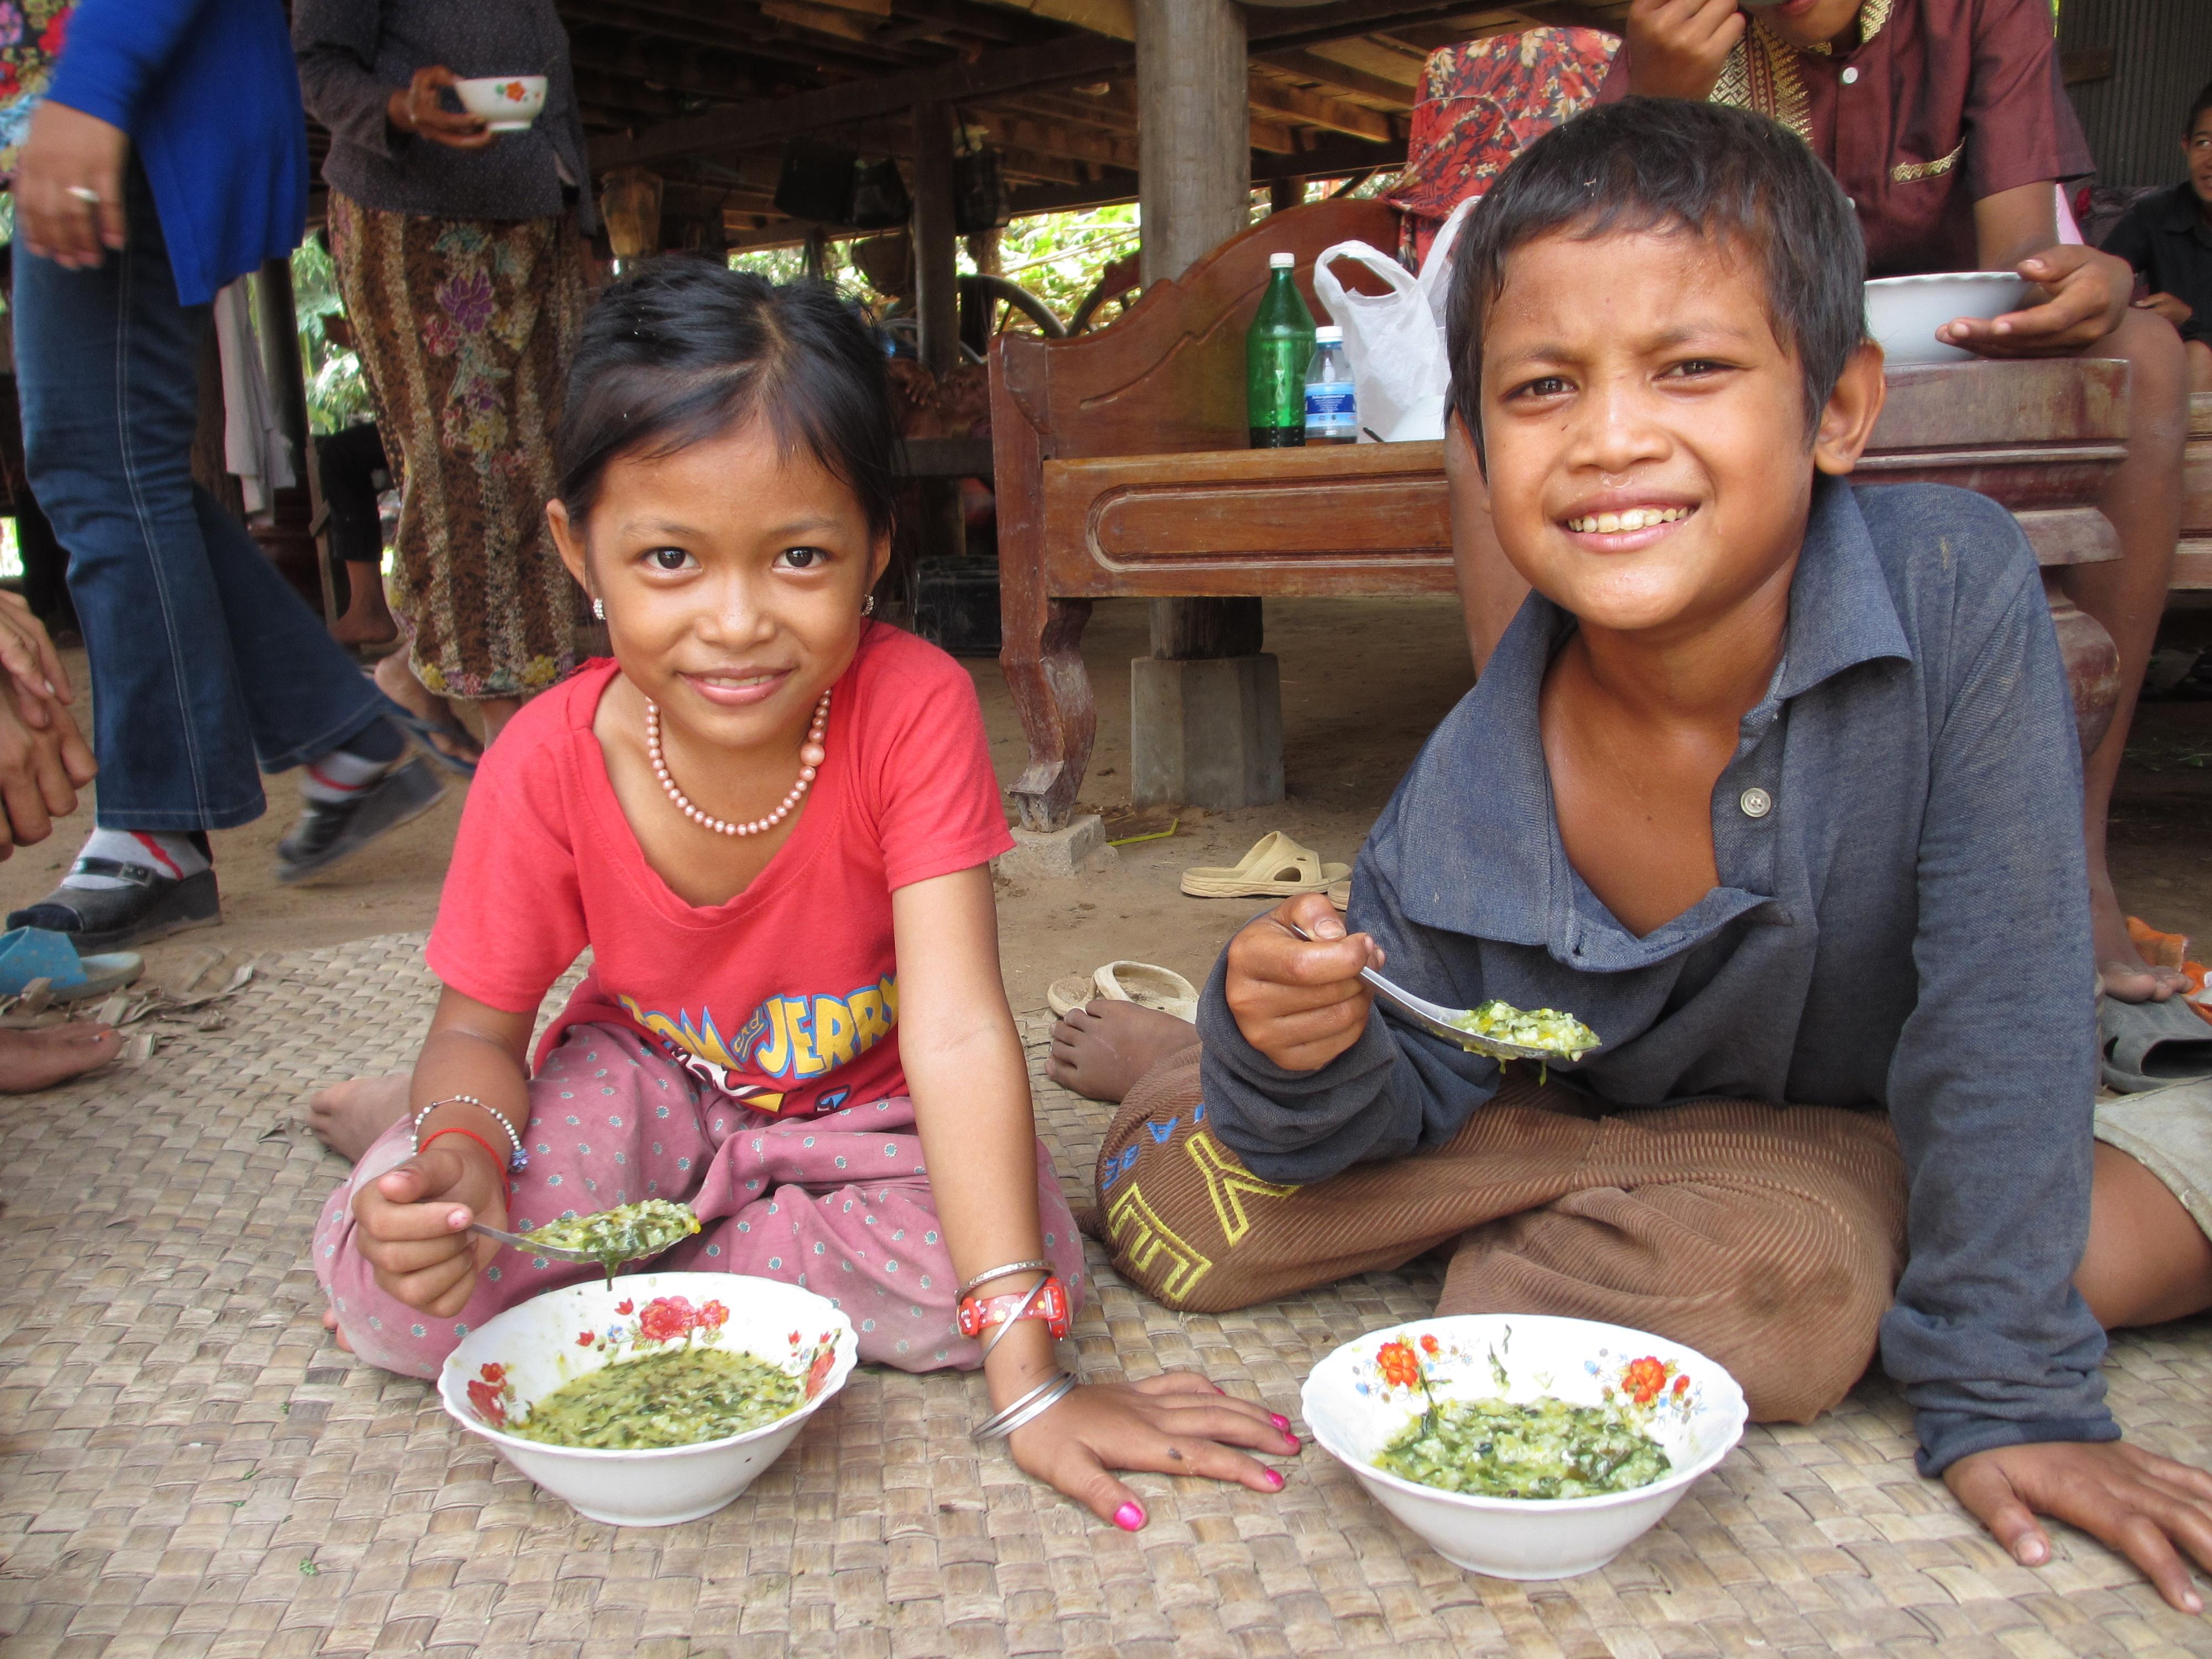 طفلان يأكلان من أطباق على حصيرة (Flickr/USAID/Cambodia HARVEST)